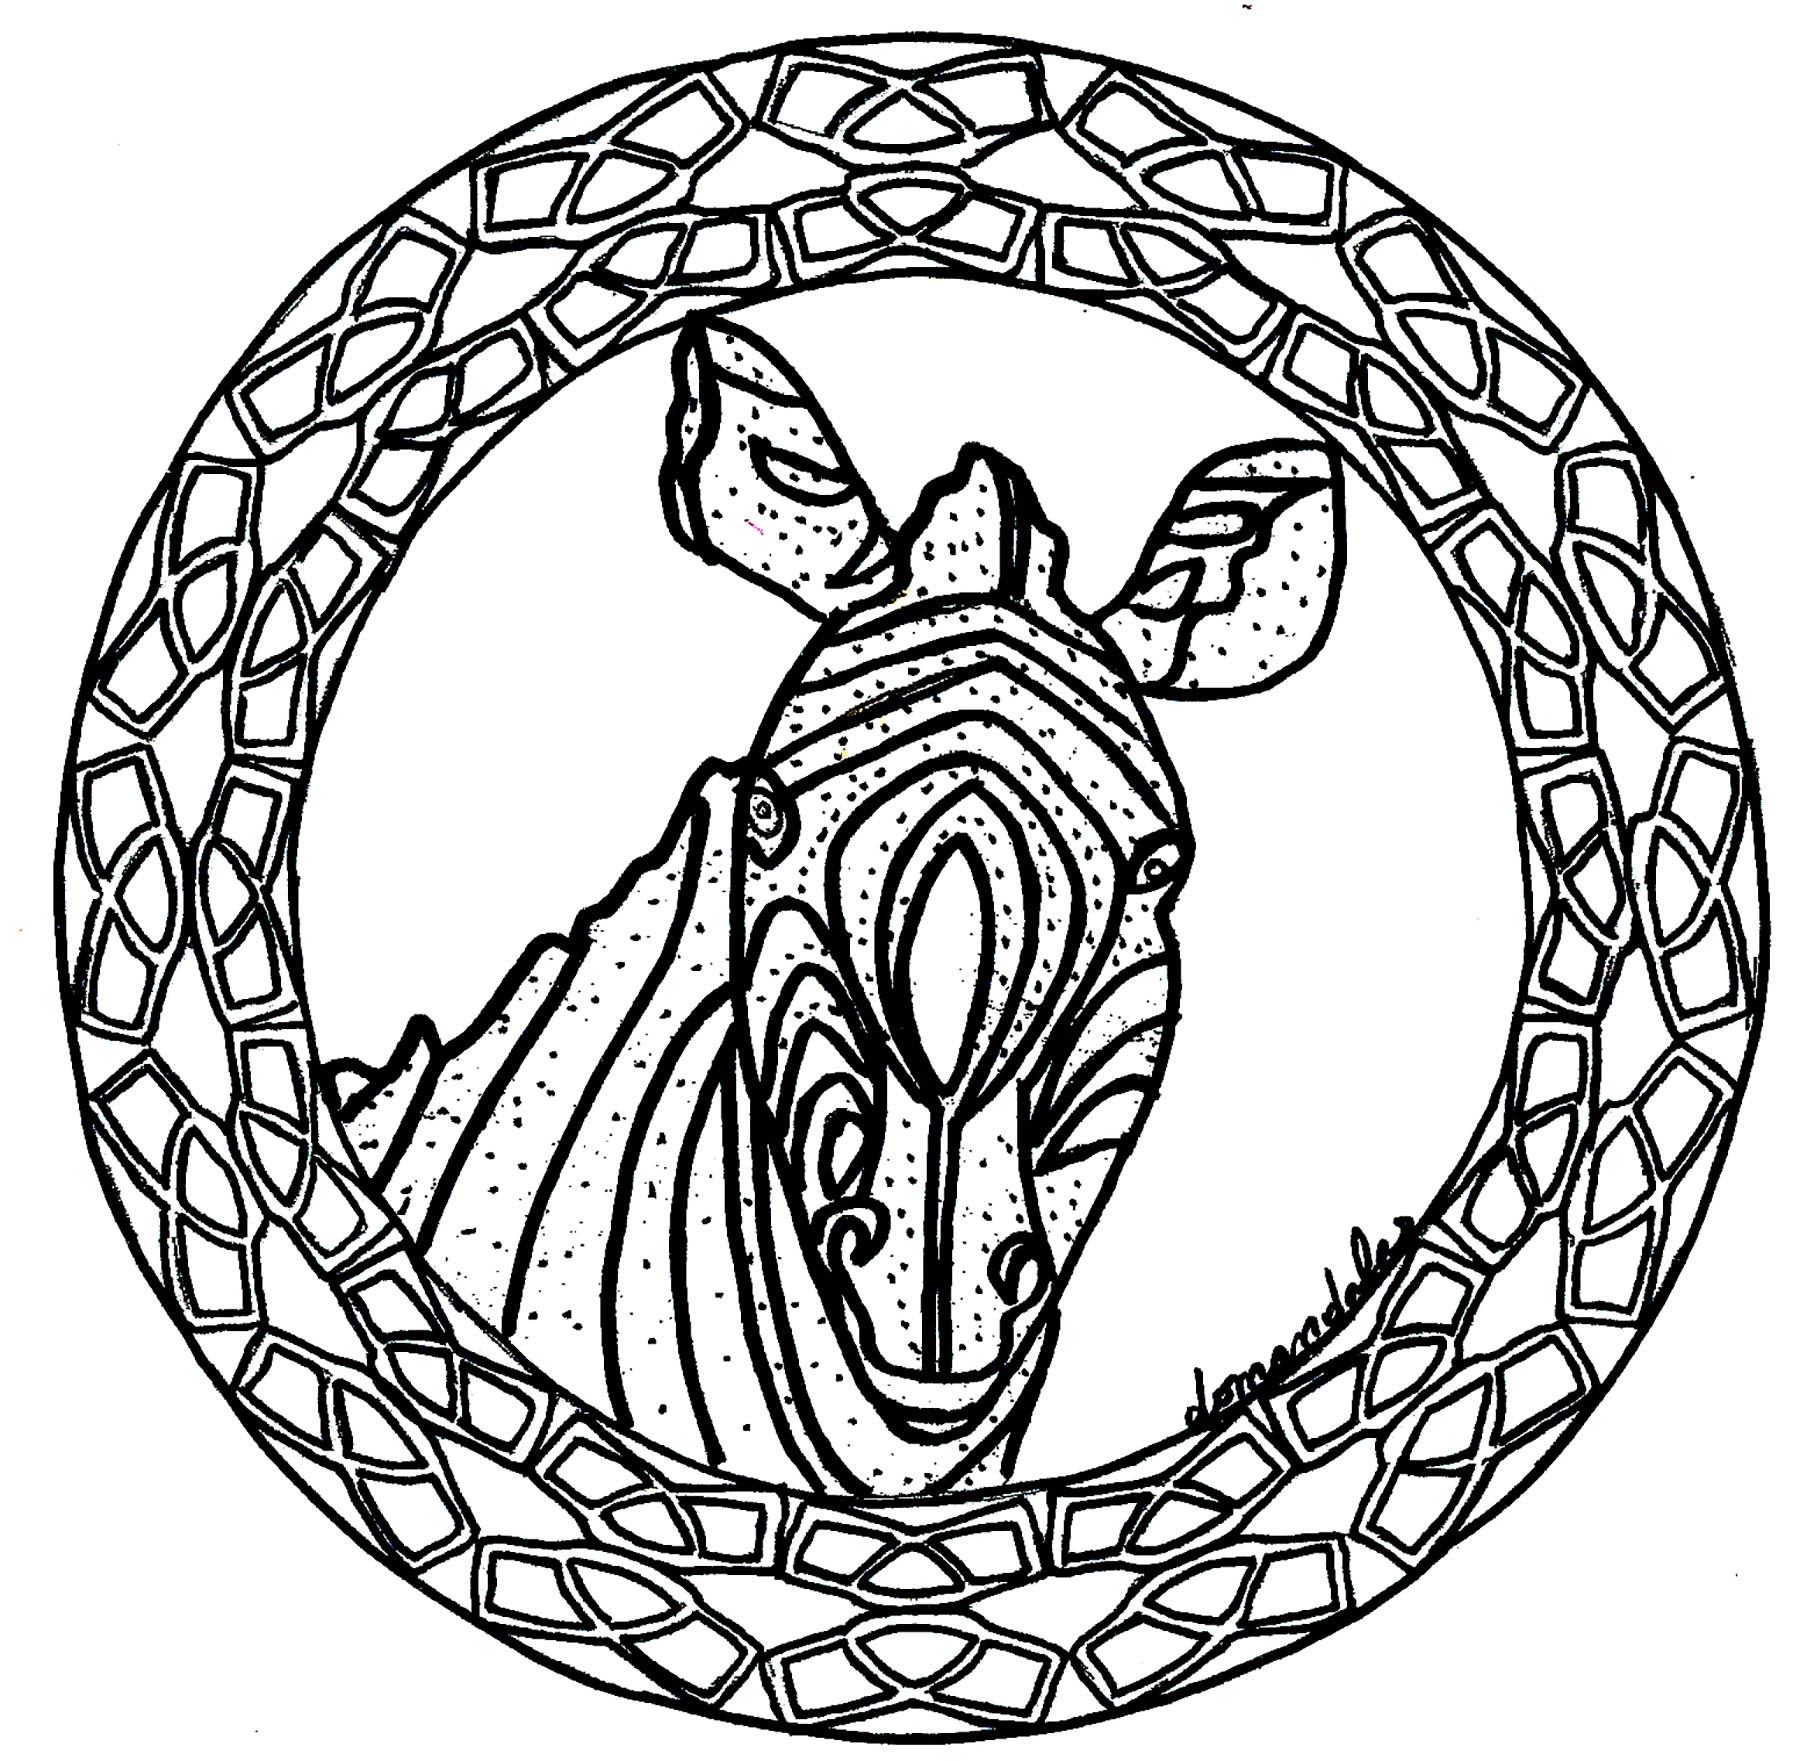 Mandala zebre simple mandalas coloriages difficiles pour adultes - Dessin zebre facile ...